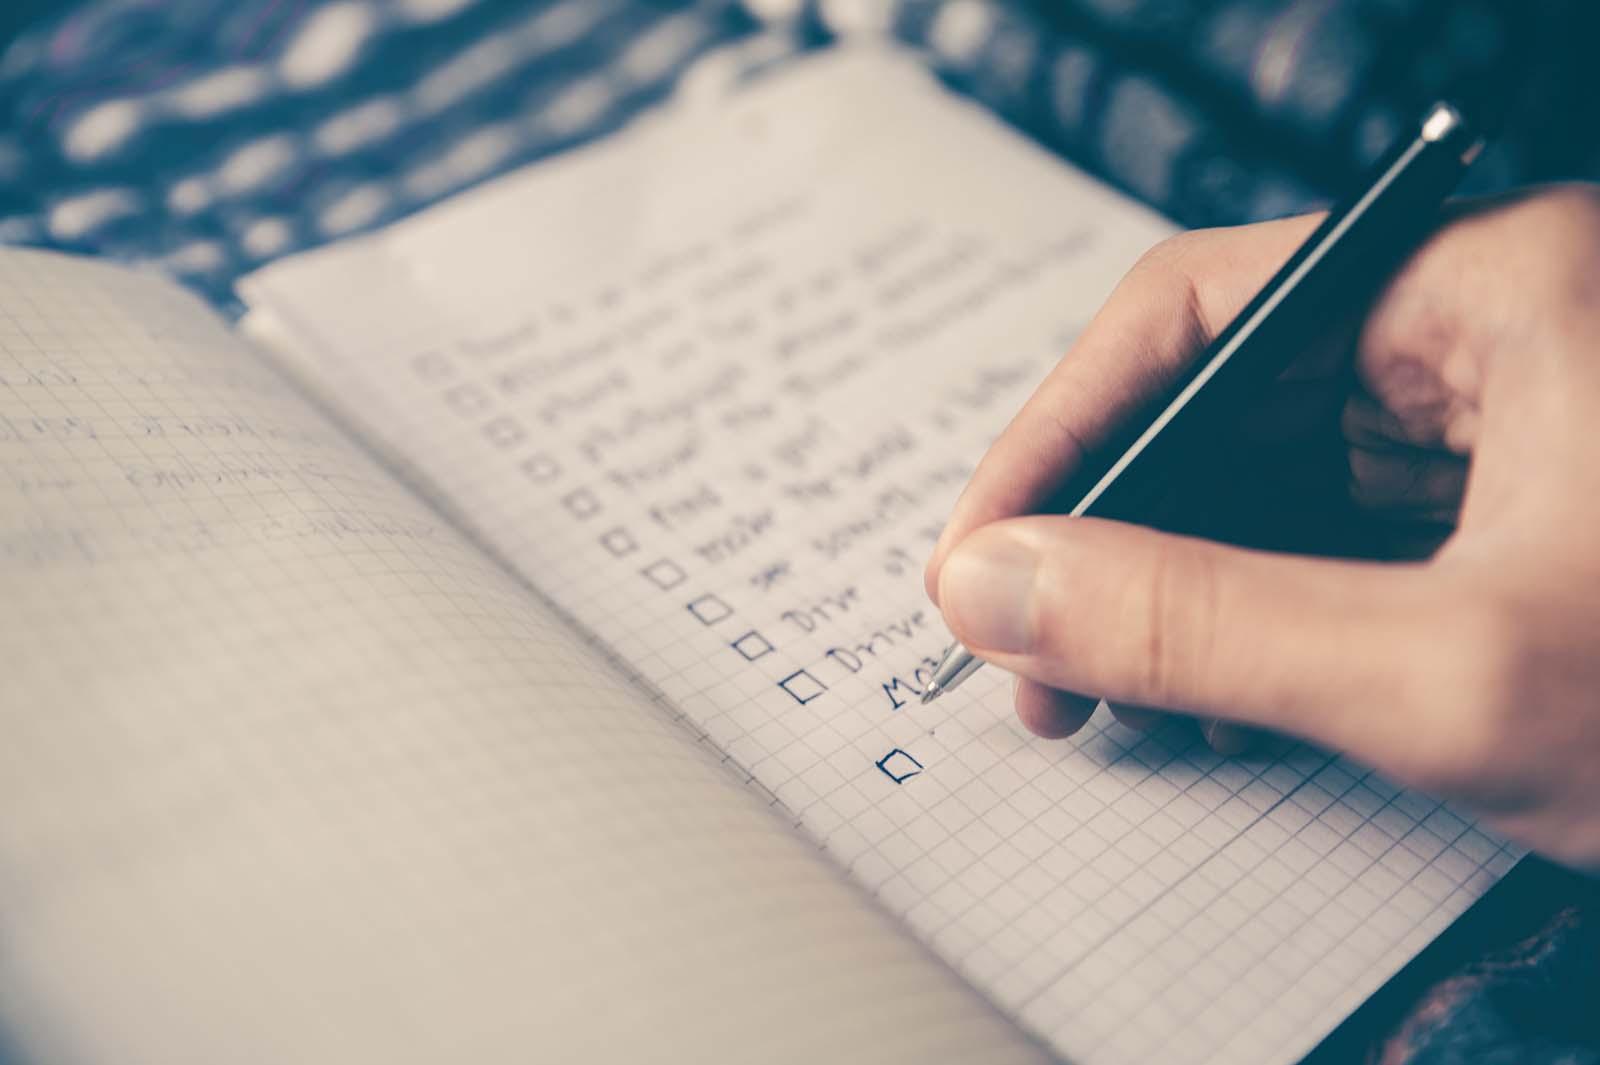 Cómo organizar tus tareas pendientes